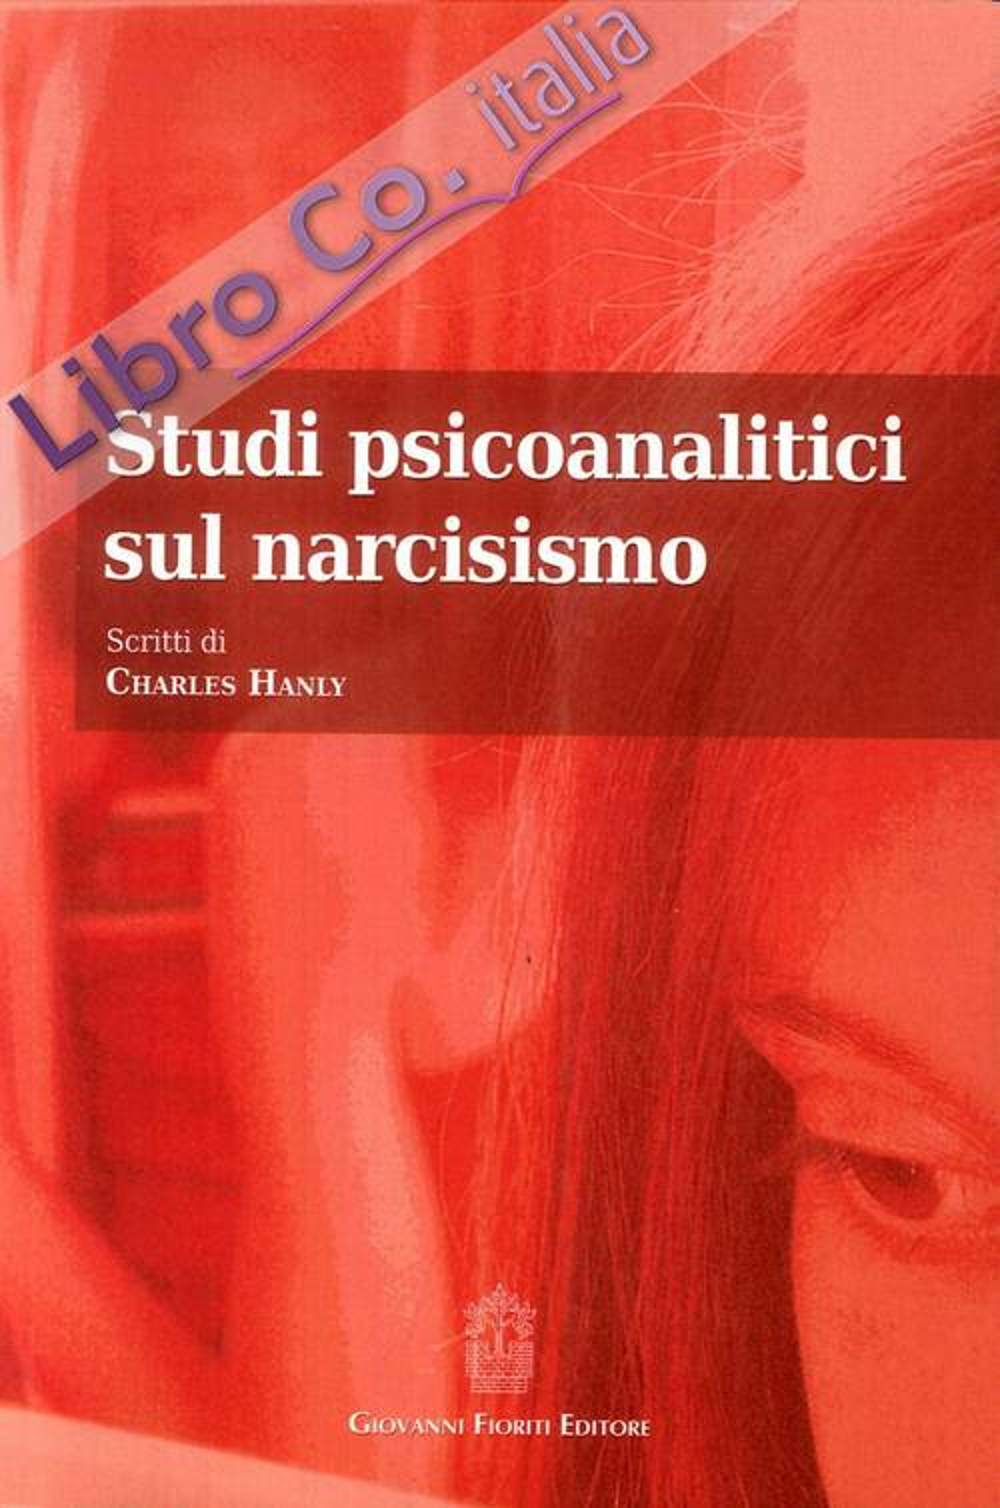 Studi psicoanalitici sul narcisismo